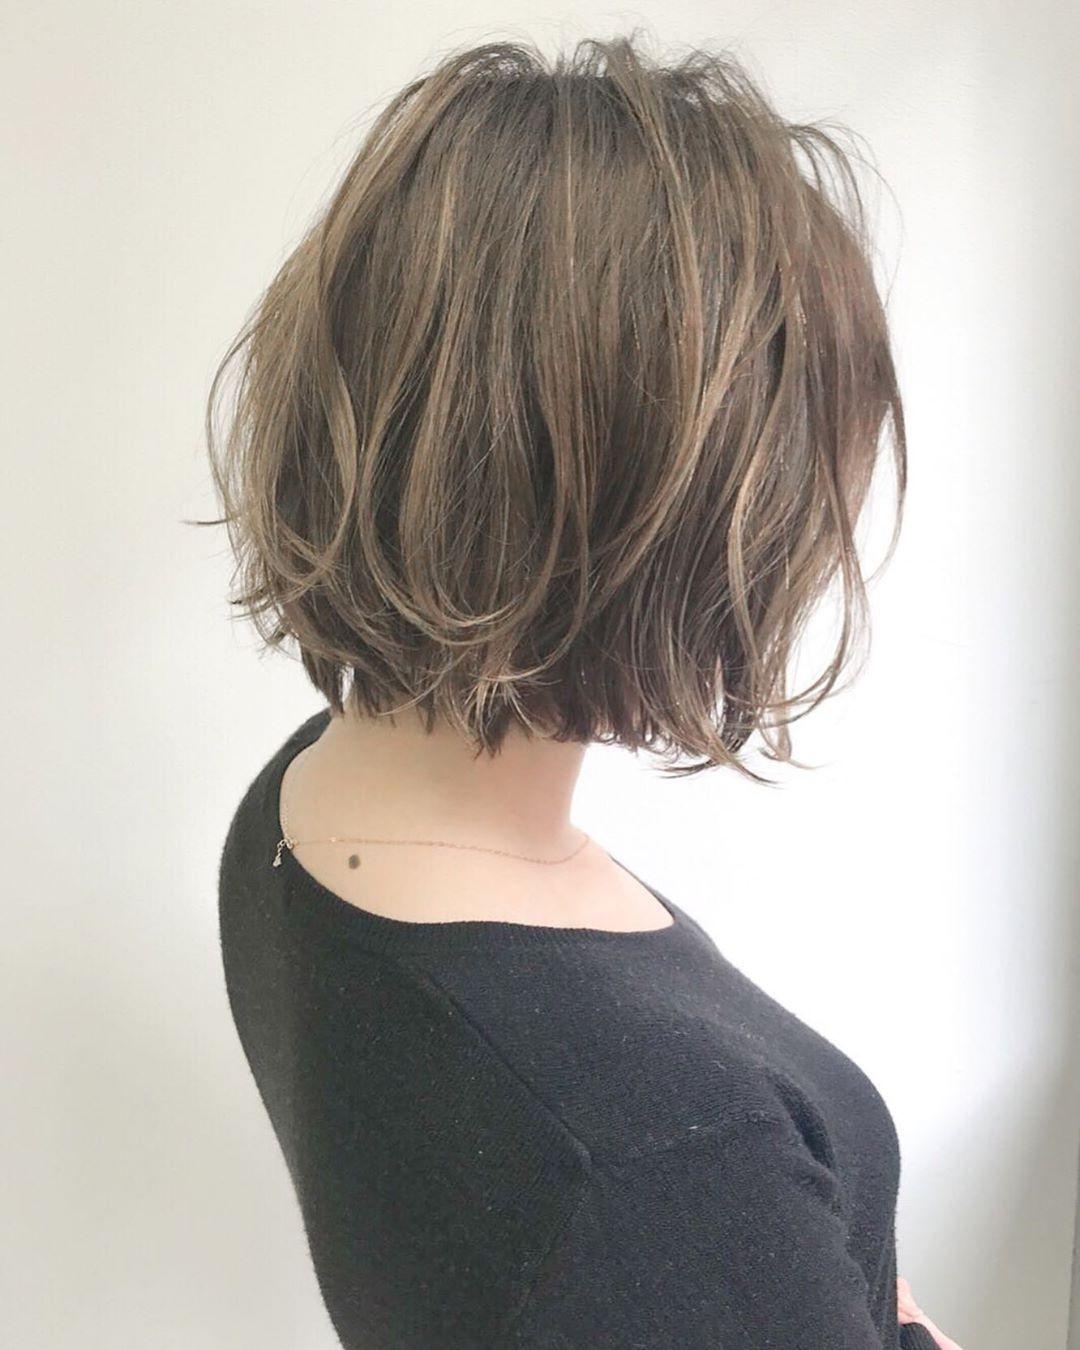 切りっぱなしボブ2020最新版 髪色 長さ別カタログ 似合わせ方やヘア